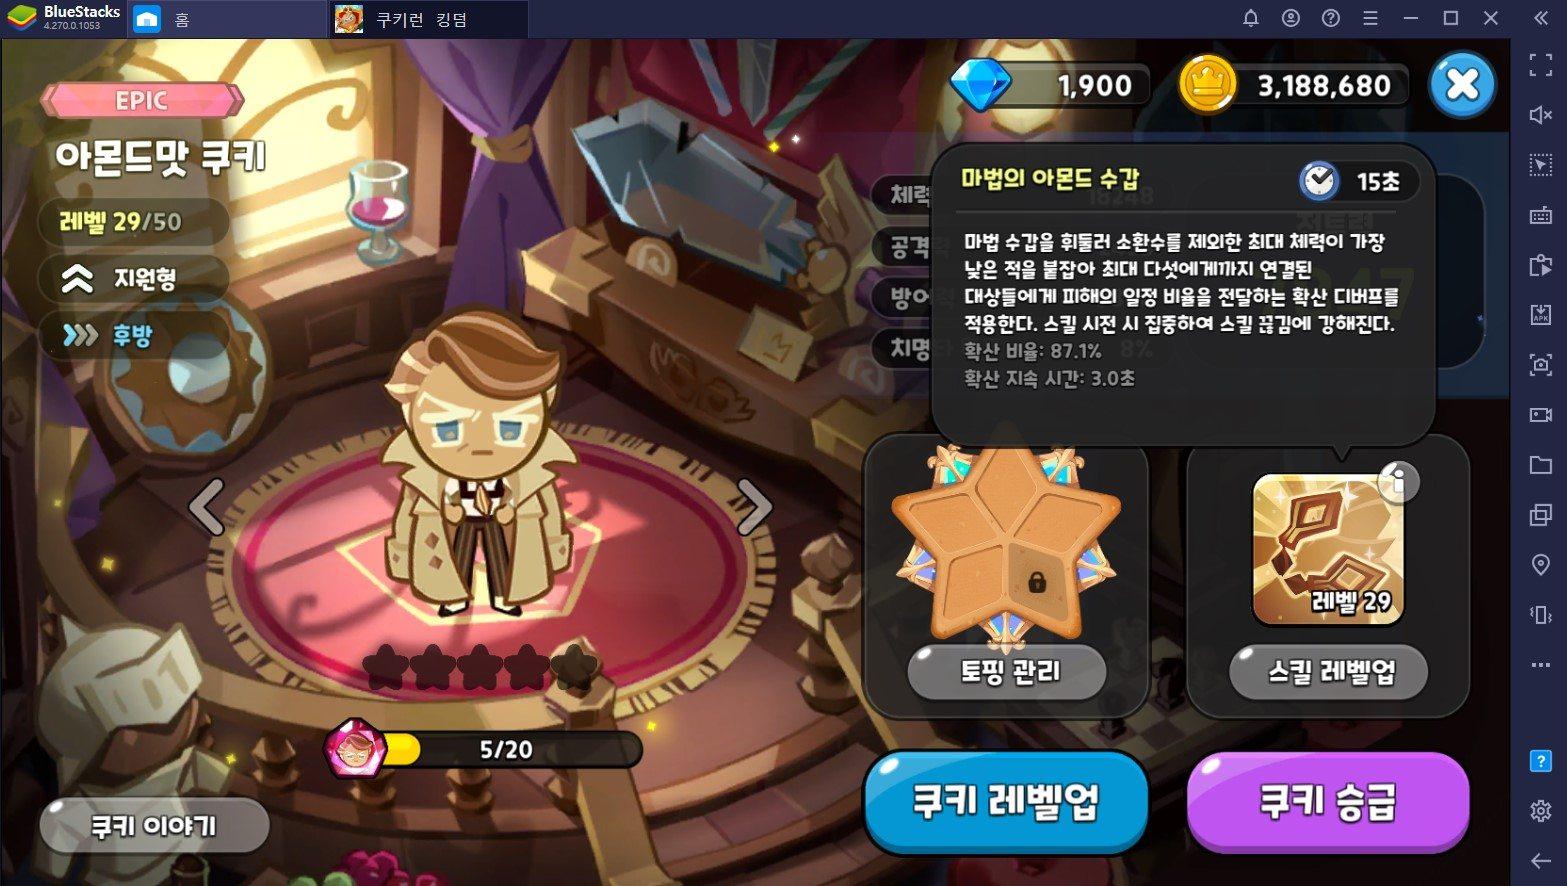 이미 예정되어 있던 신규 쿠키 등장! 쿠키런: 킹덤을 PC로 실행하고 아몬드맛 쿠키를 만나보세요!